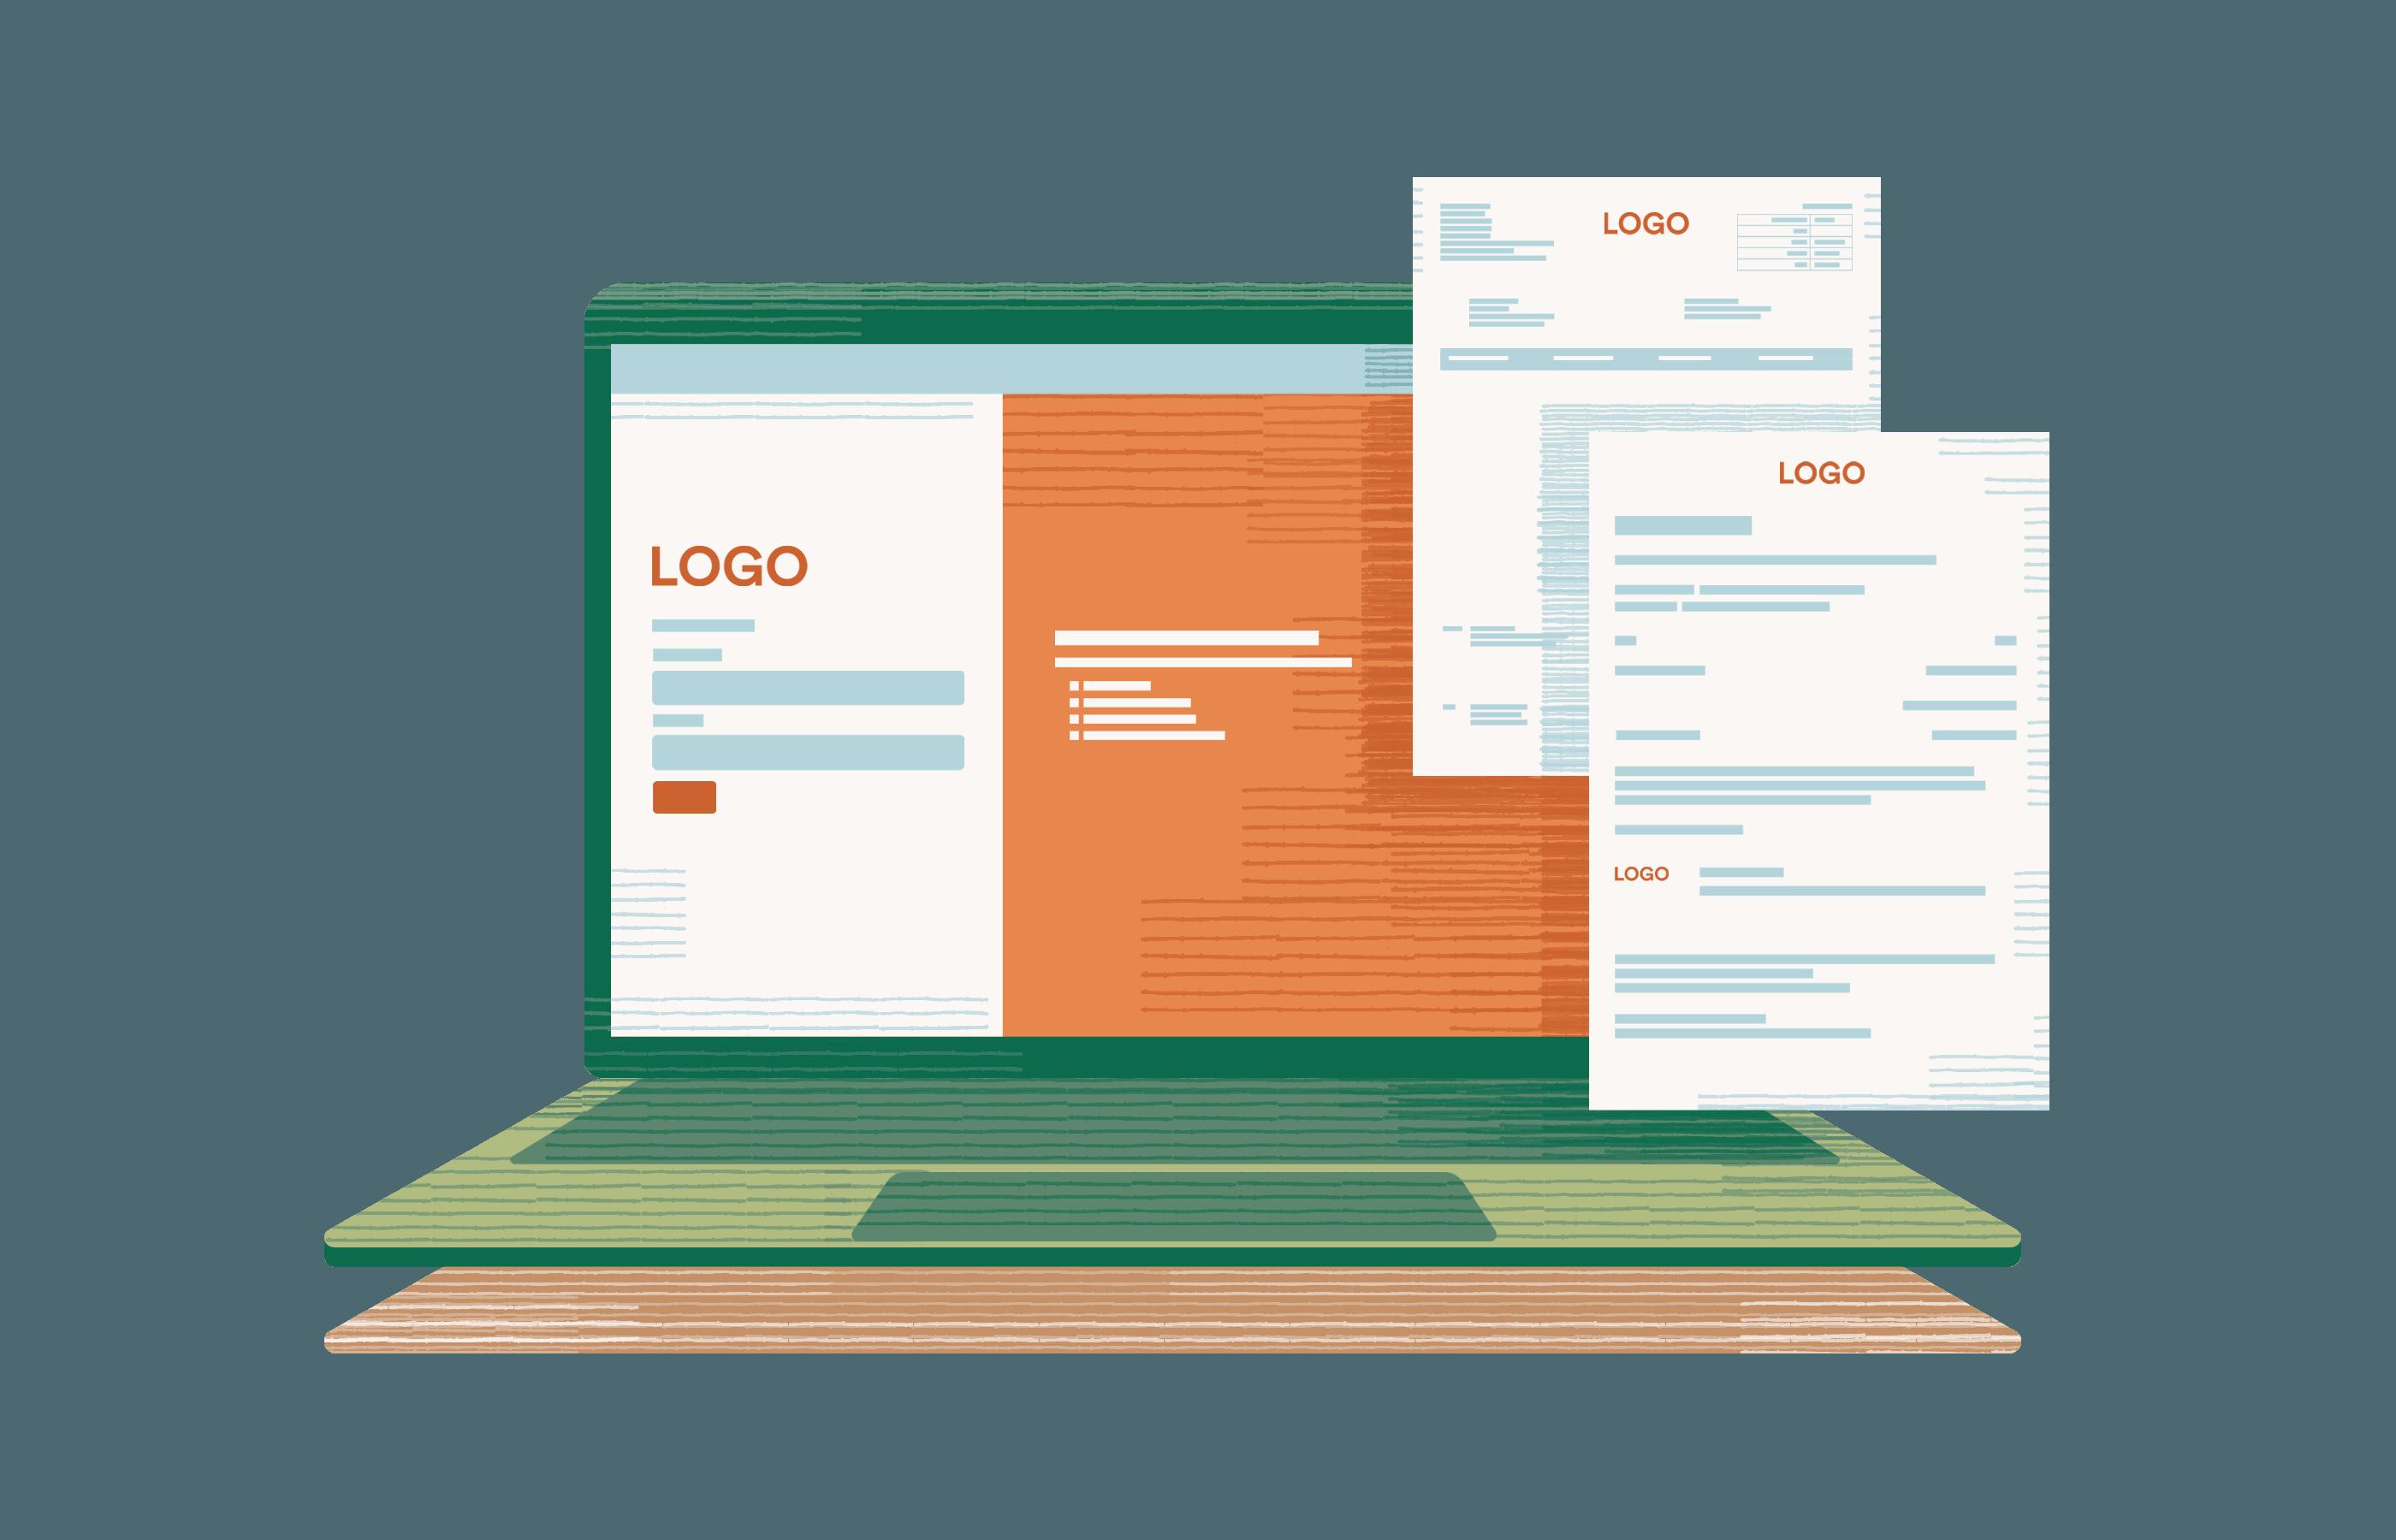 Client CRM Portal — Field Service Management Software